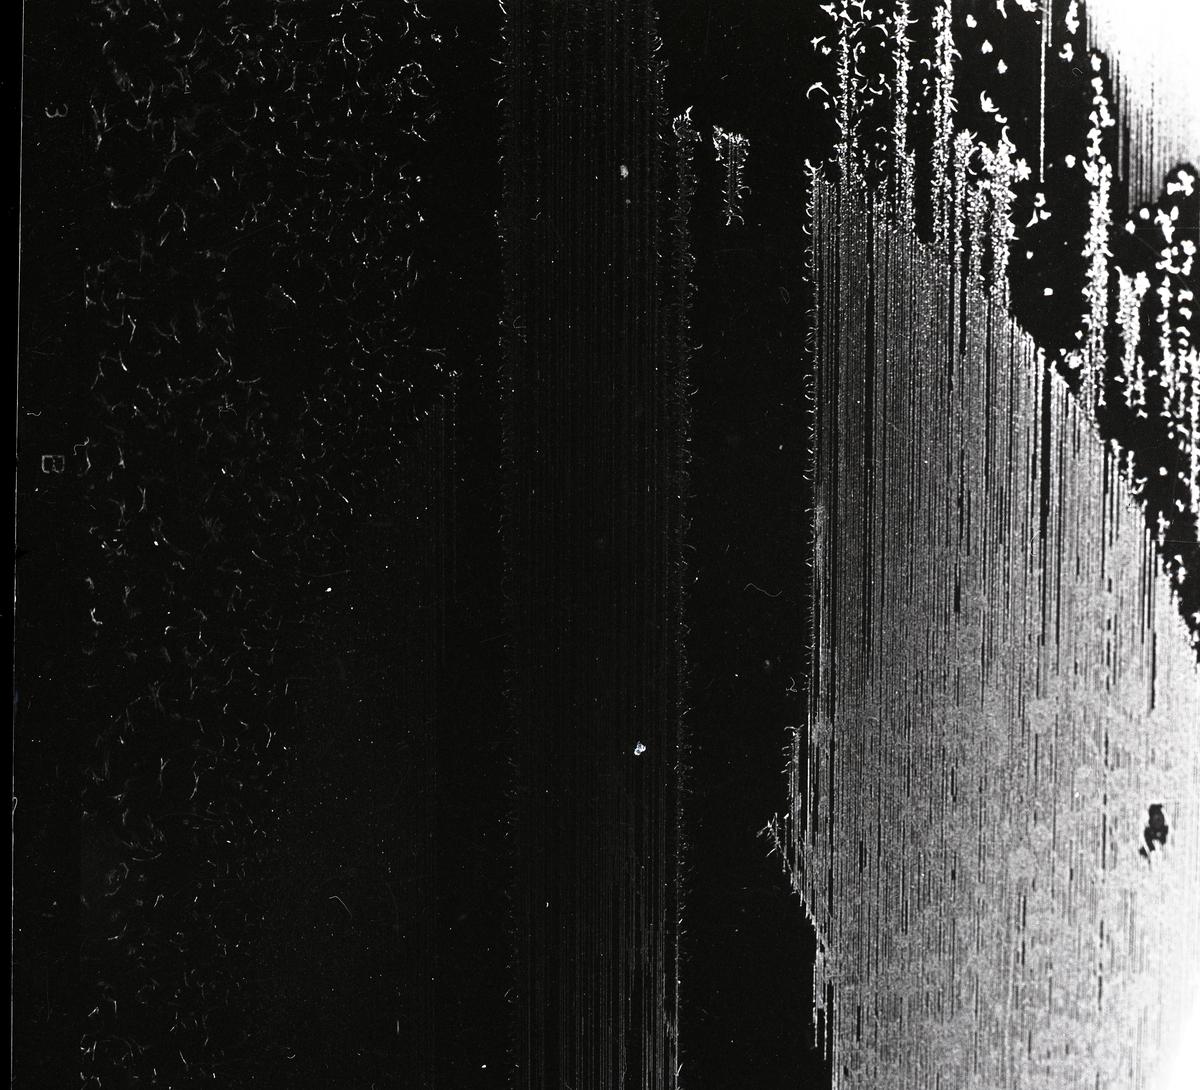 Rimfrost som bildat ett mönster med raka linjer.